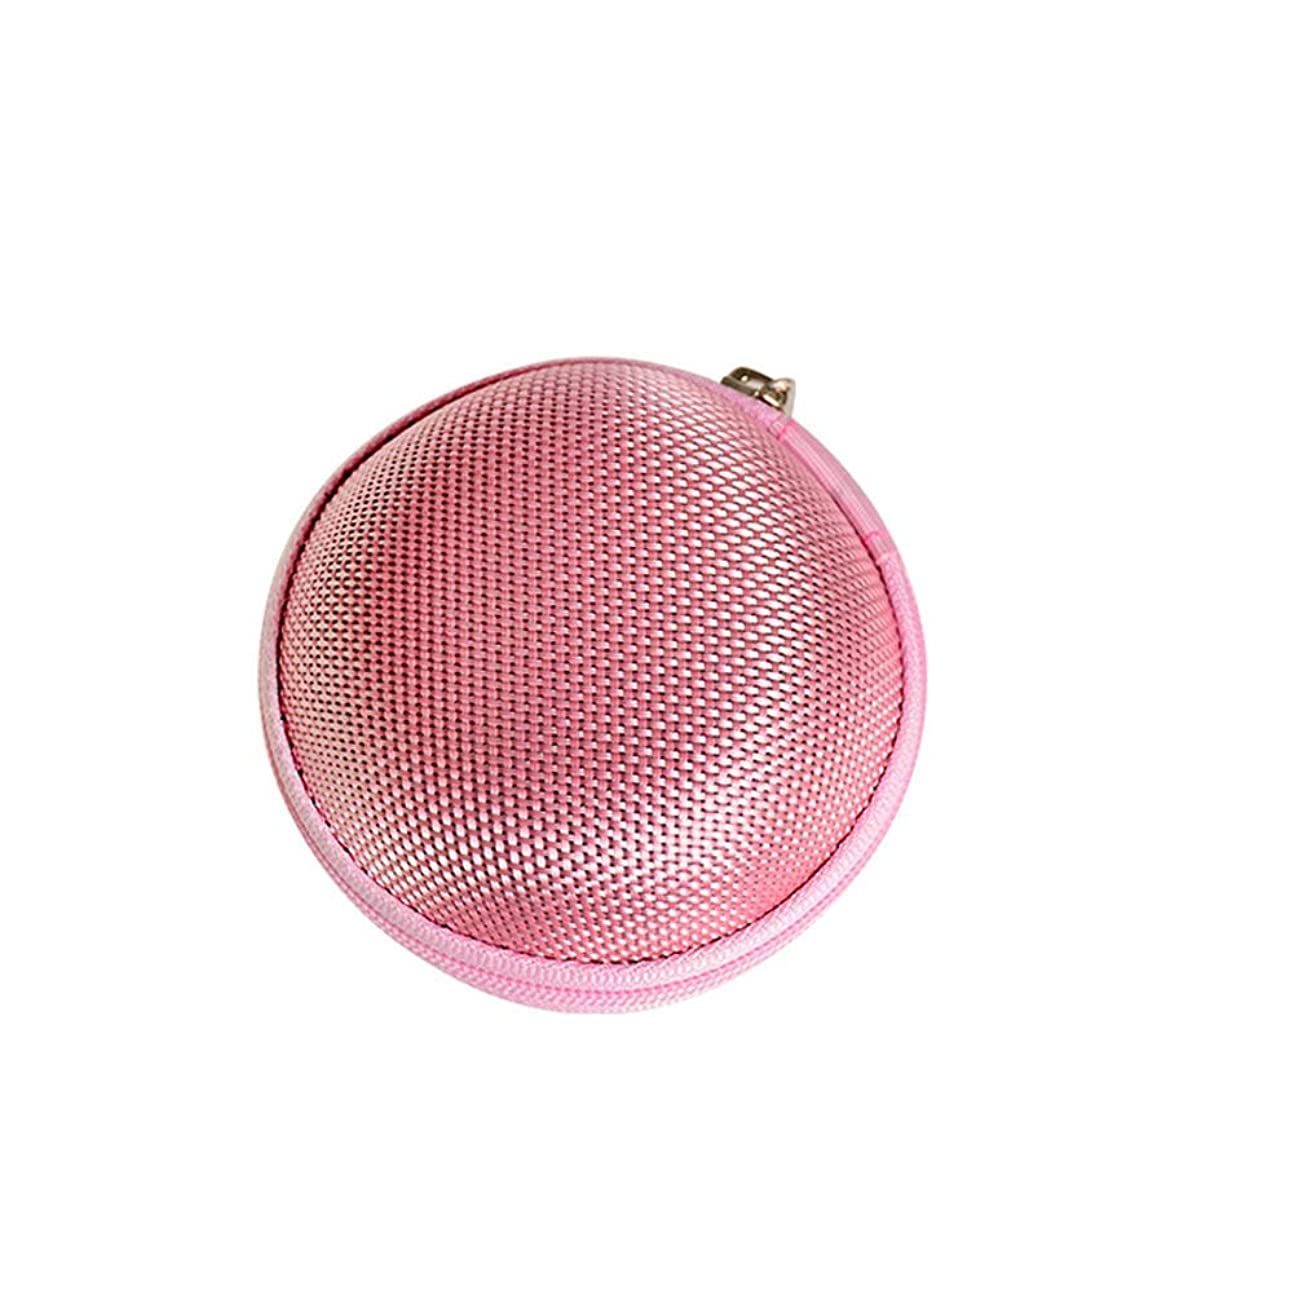 枠引き算忠実にChinashow エッセンシャル オイル キャリング ケース - エッセンシャル オイル スモール ストレージ オーガナイザー フォーム インサート と 7本 ボトル付き(2ml)ピンク